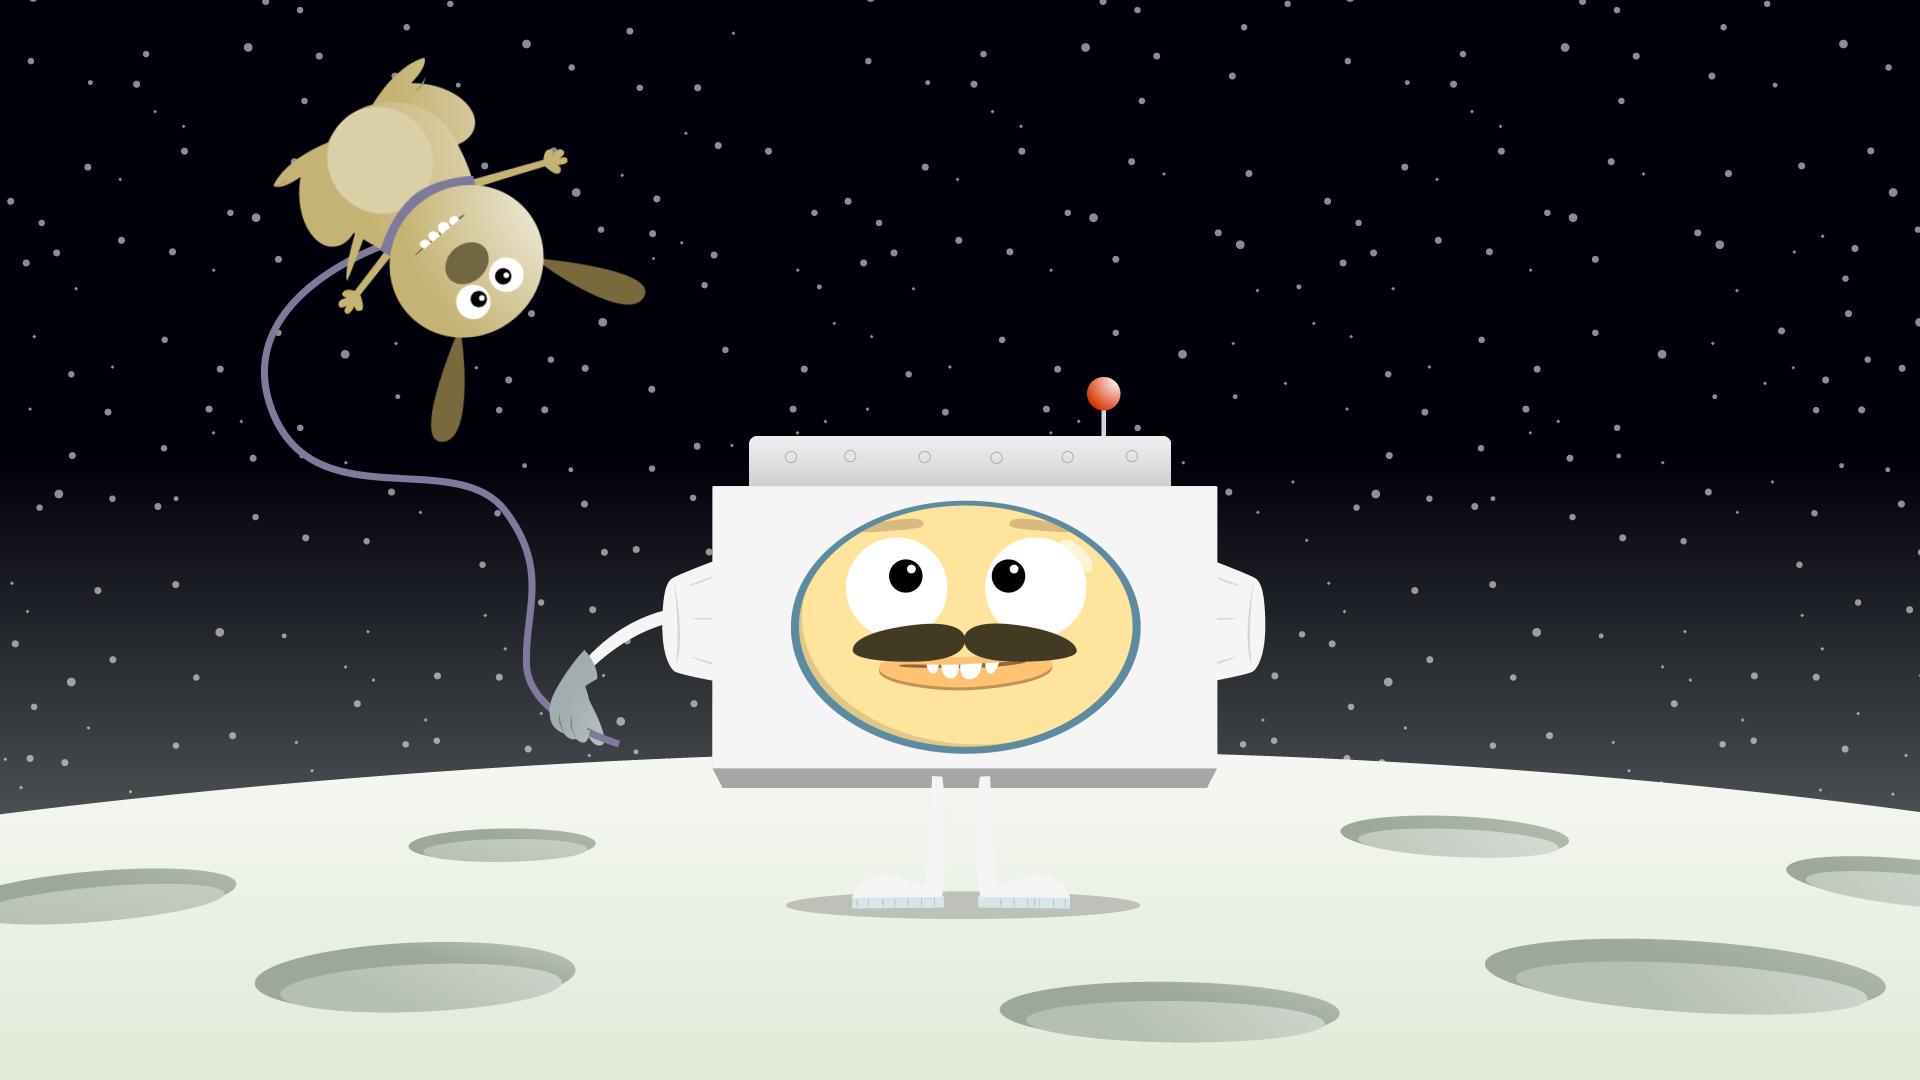 BBSS_207_Astronaut_03.jpg